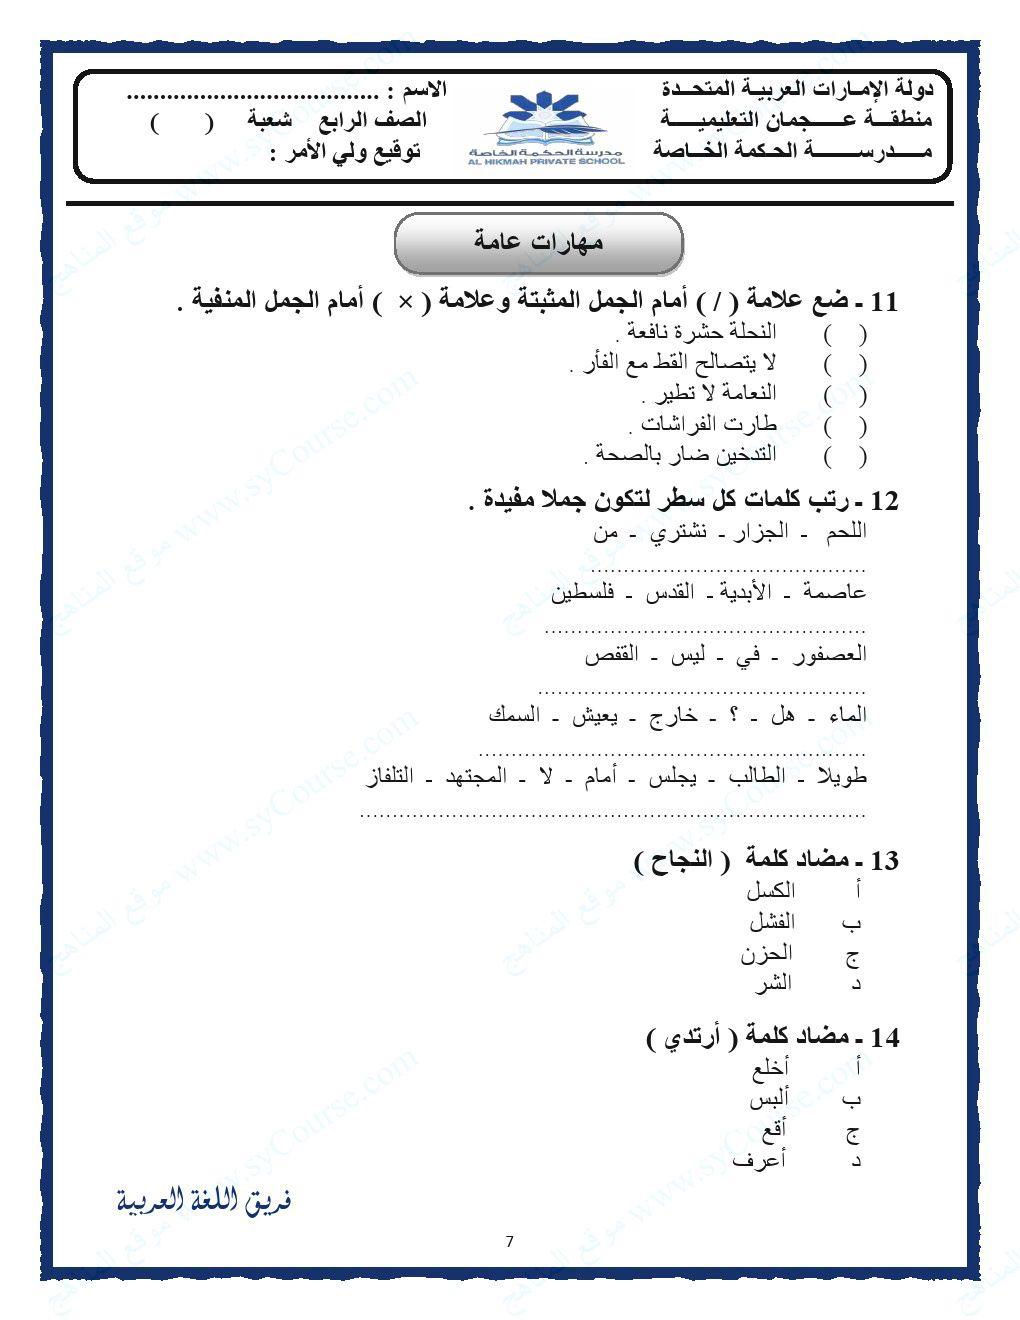 الصف الرابع الفصل الثالث لغة عربية أوراق عمل لجميع مهارات دروس اللغة العربية 2017 Learning Arabic Learn Arabic Language Arabic Lessons